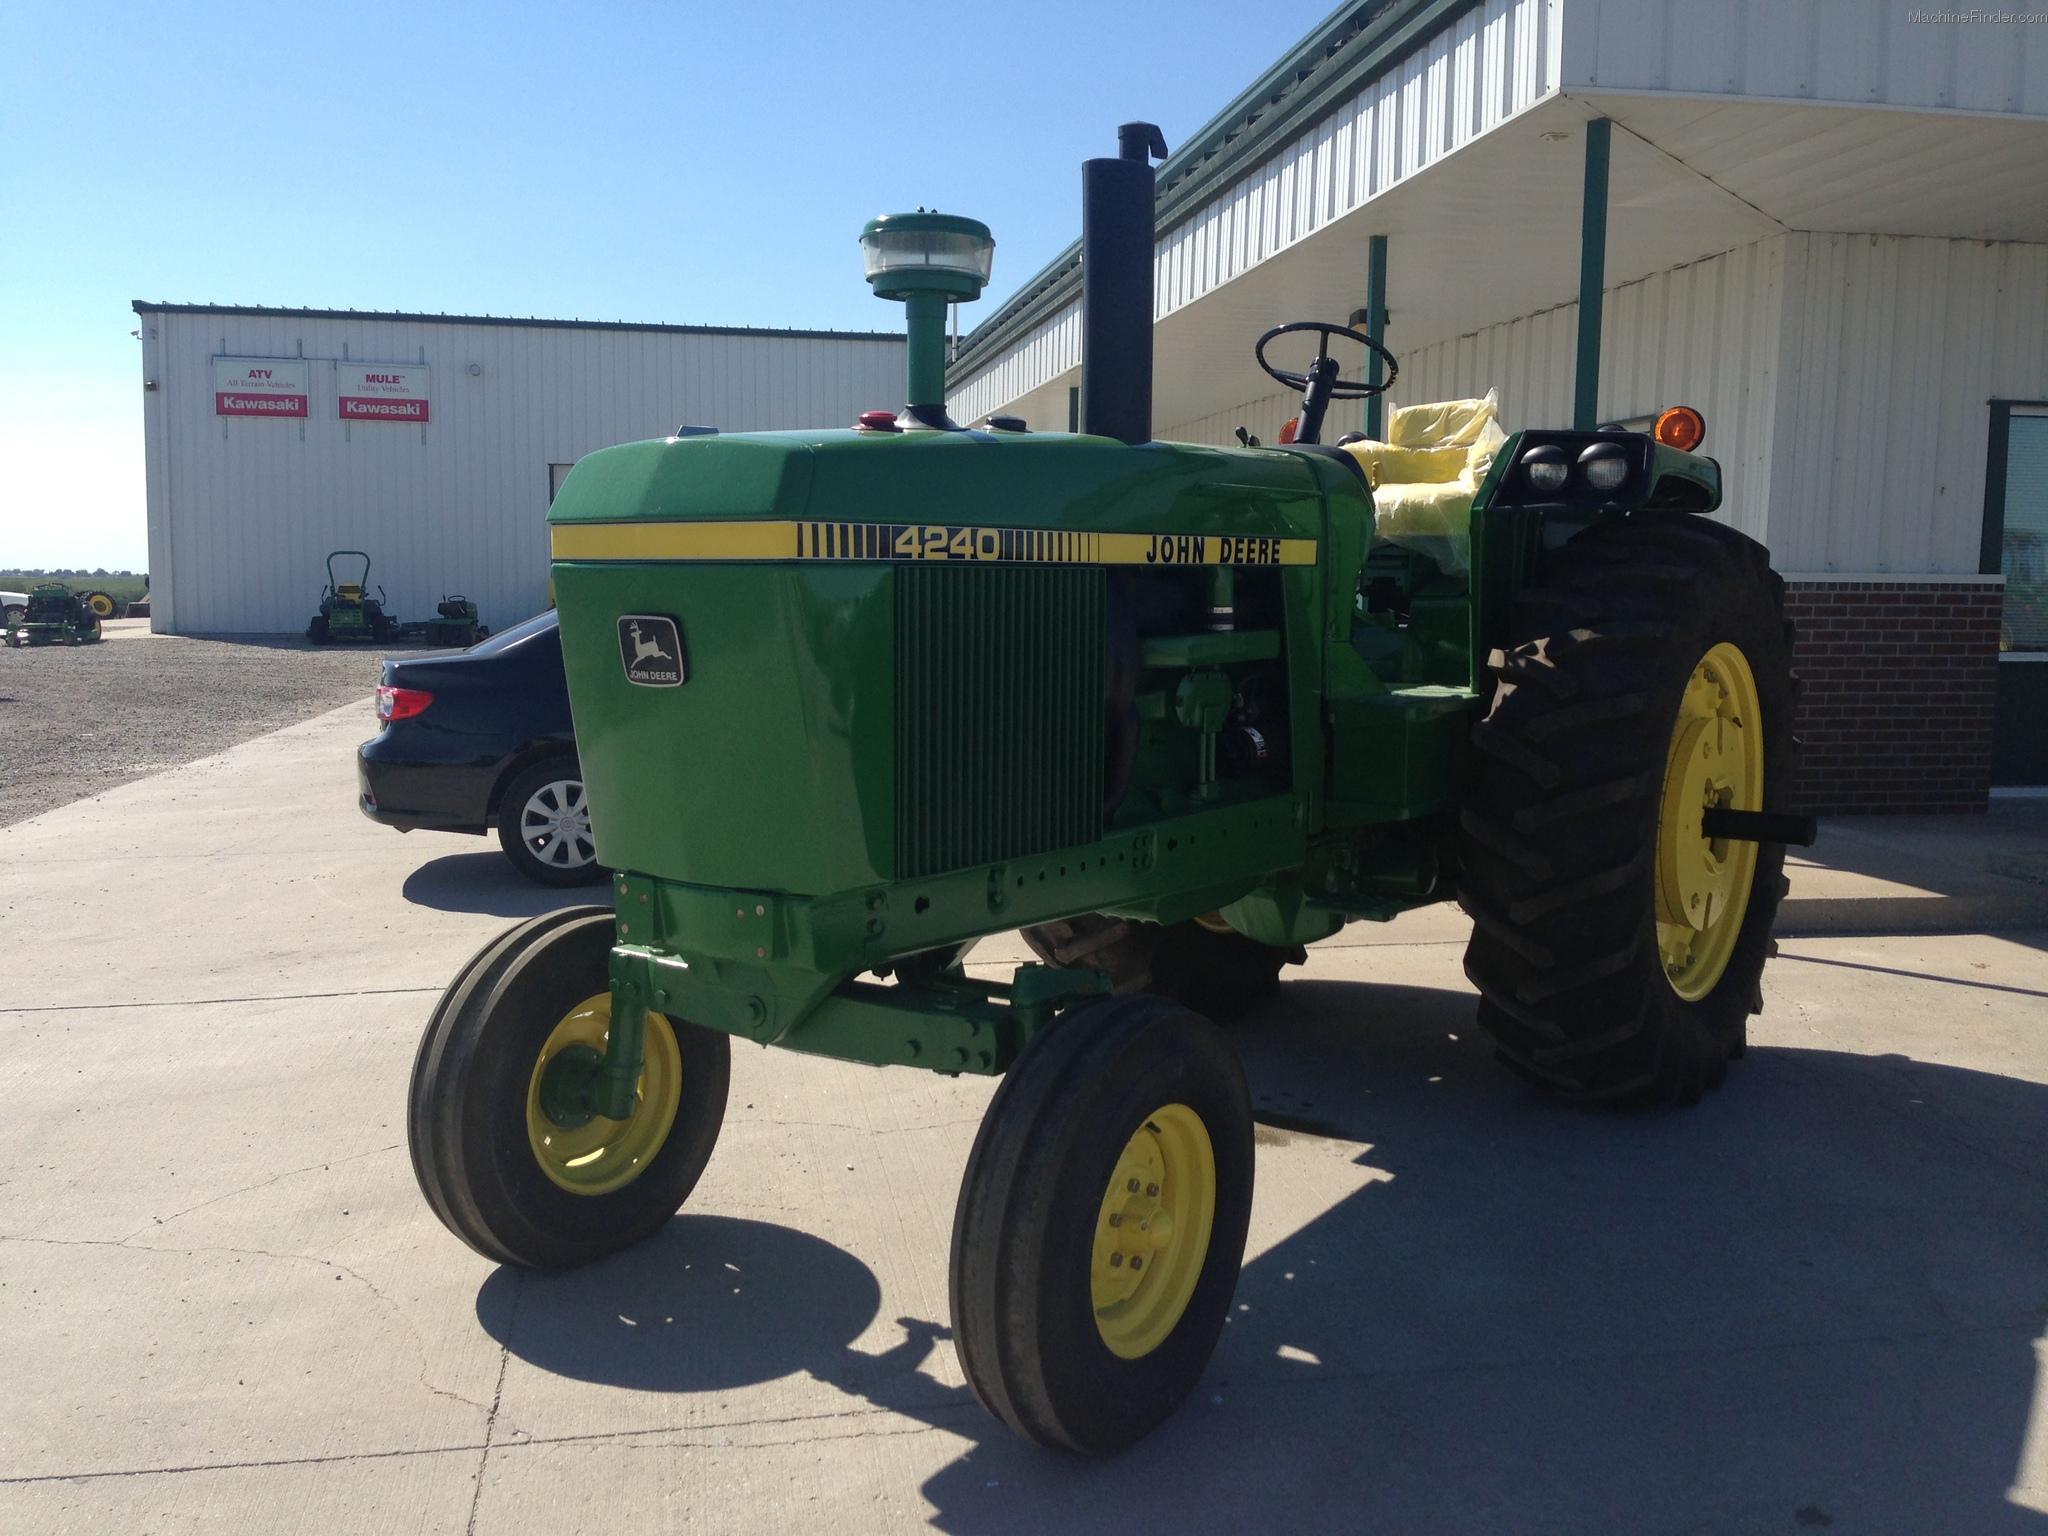 1982 John Deere 4240 Tractors Row Crop 100hp John